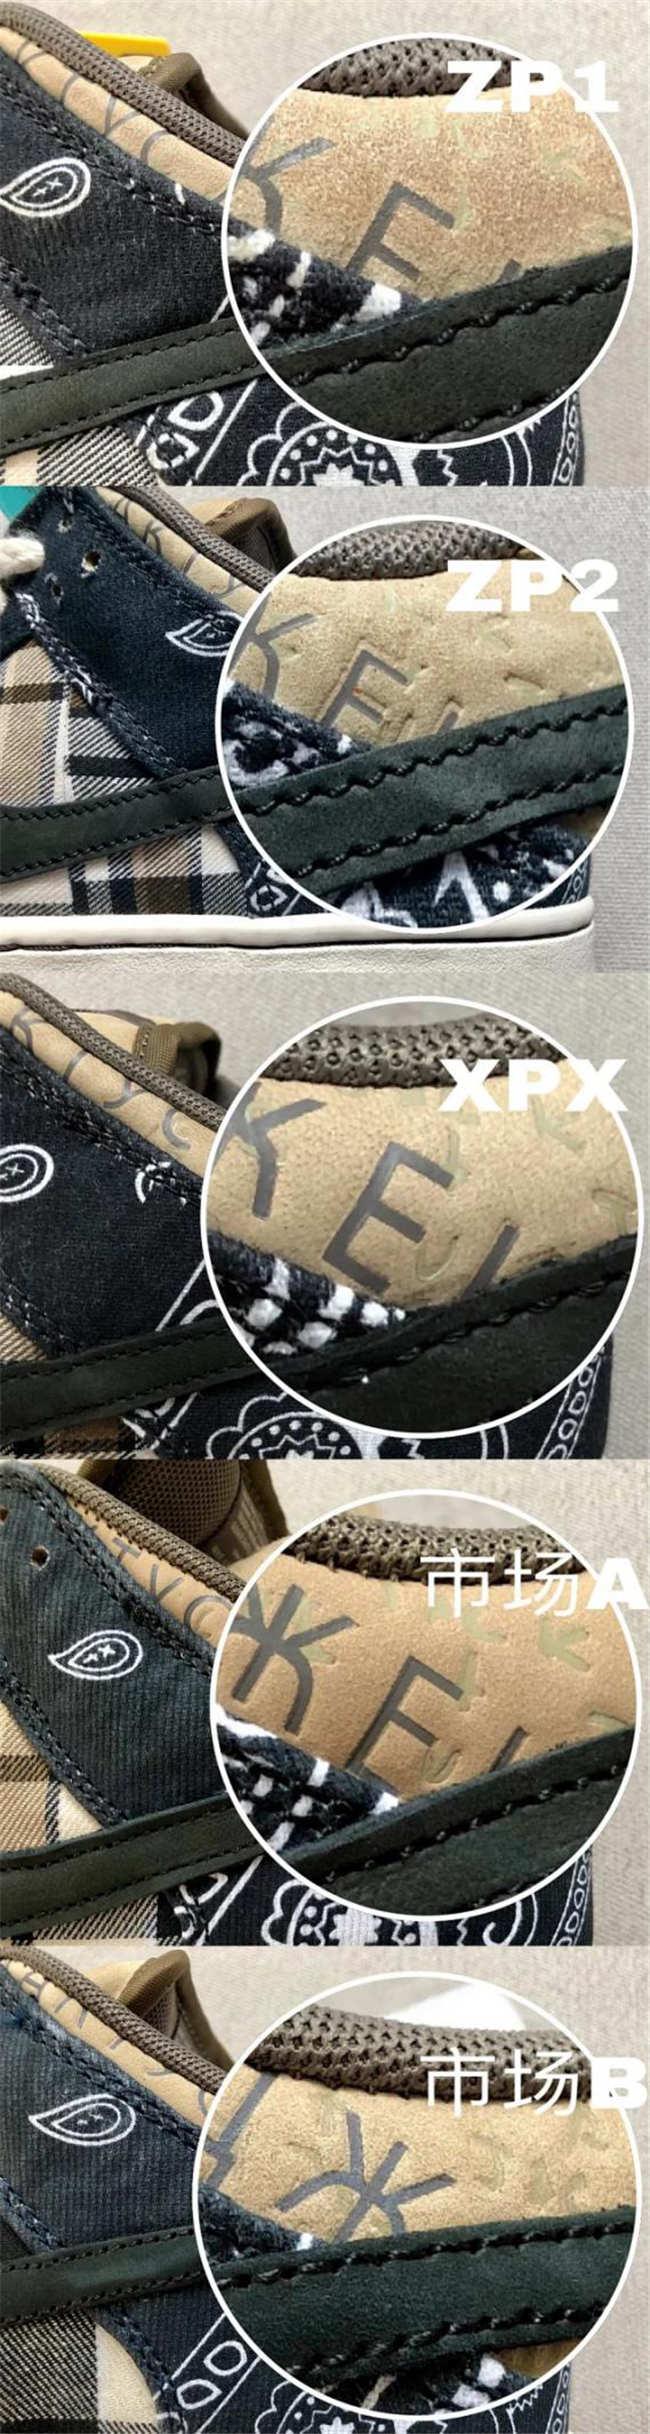 TS Nike sb dunk腰果花真假對比 撕內里圖案